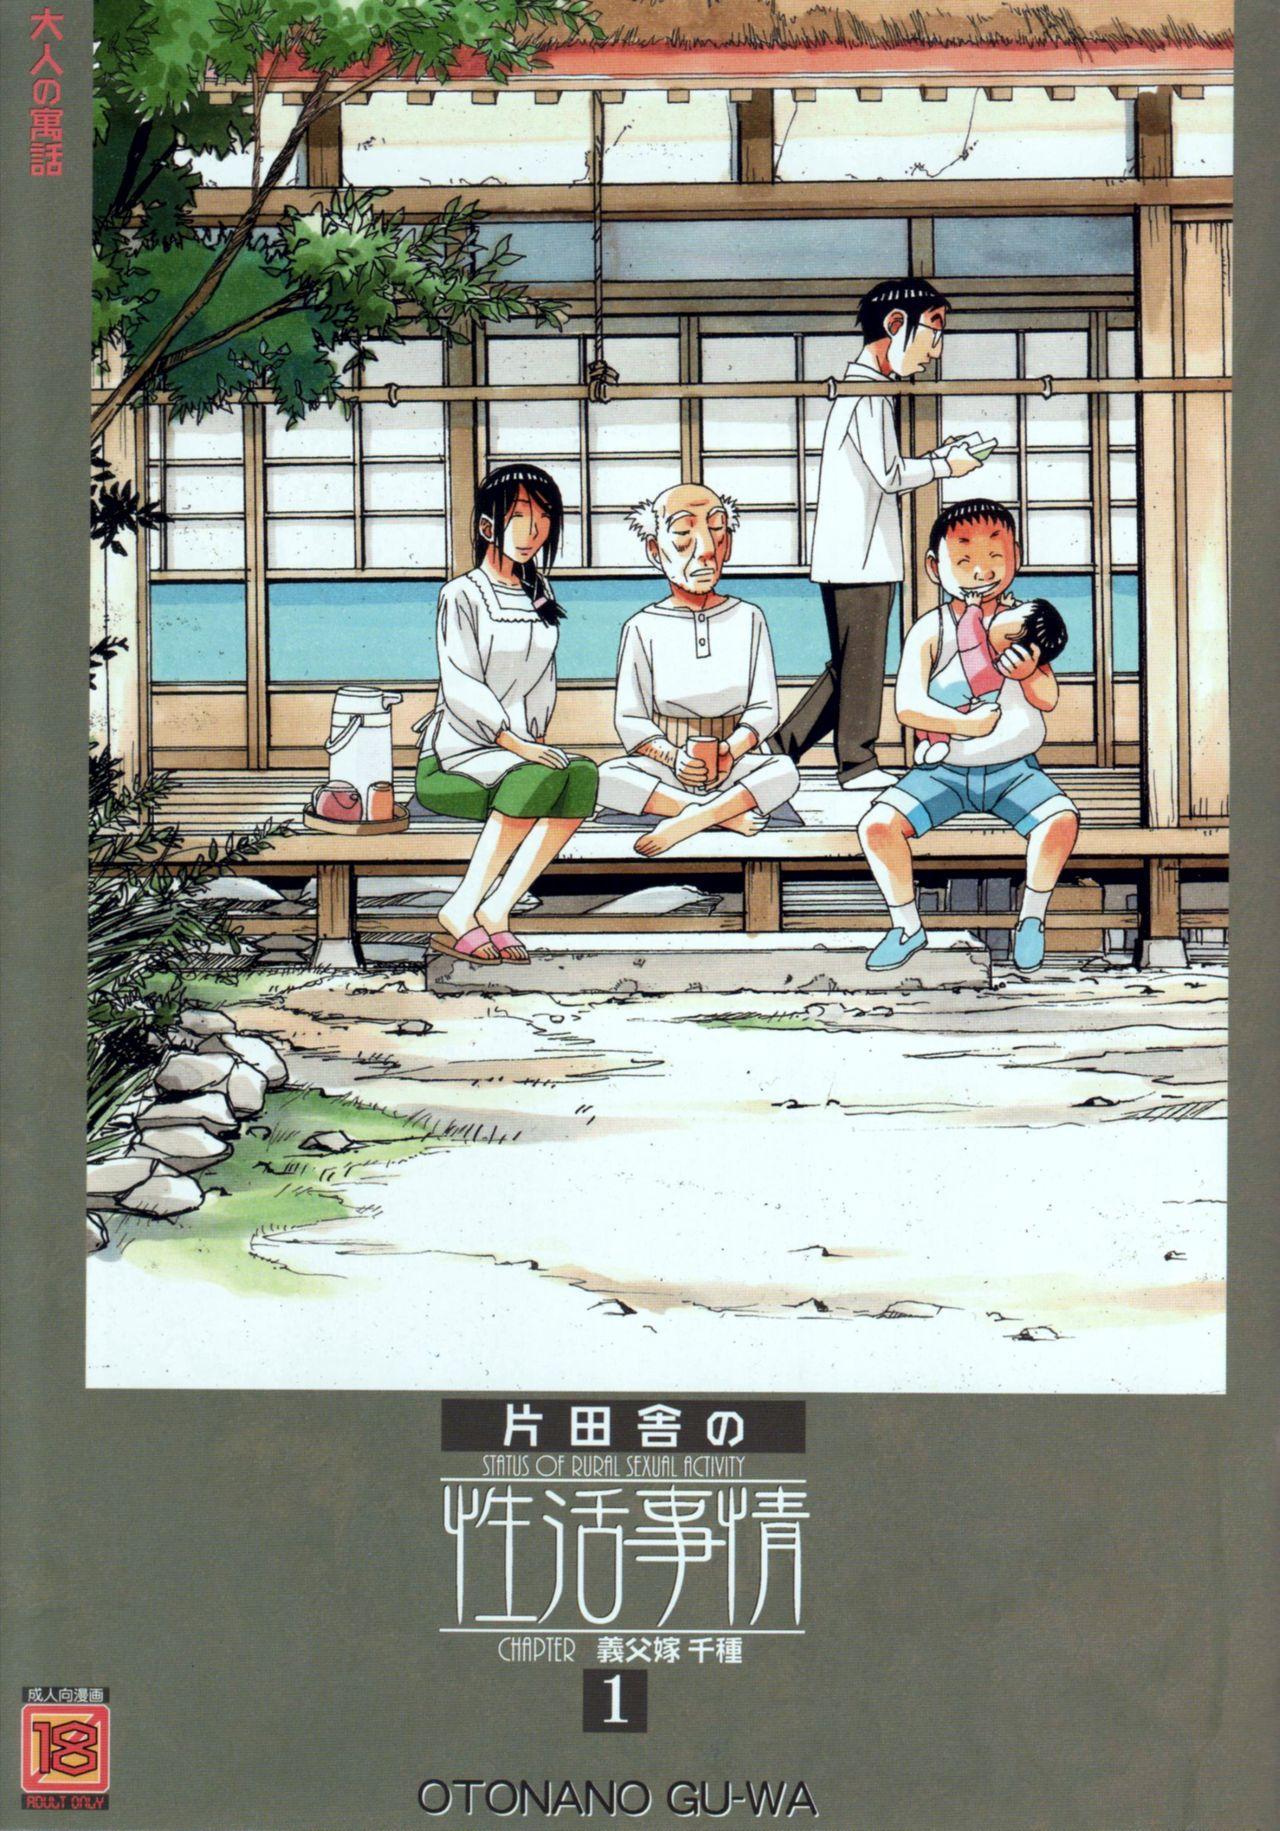 Kainuma Mura no Seikatsu Jijou 1 Gifuyome Chigusa 0